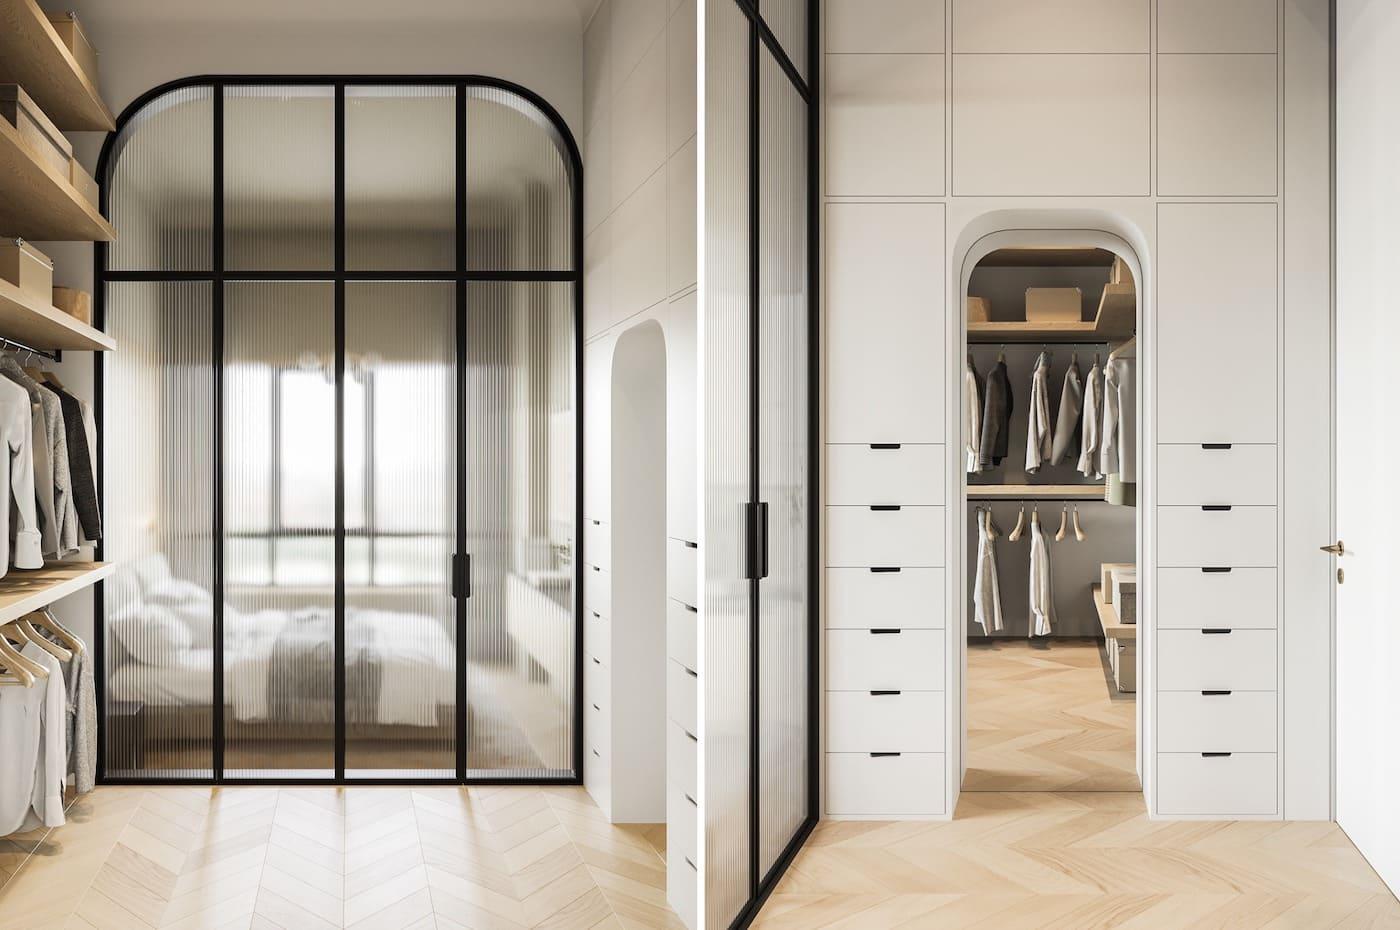 design d'intérieur d'un appartement à la mode photo 30